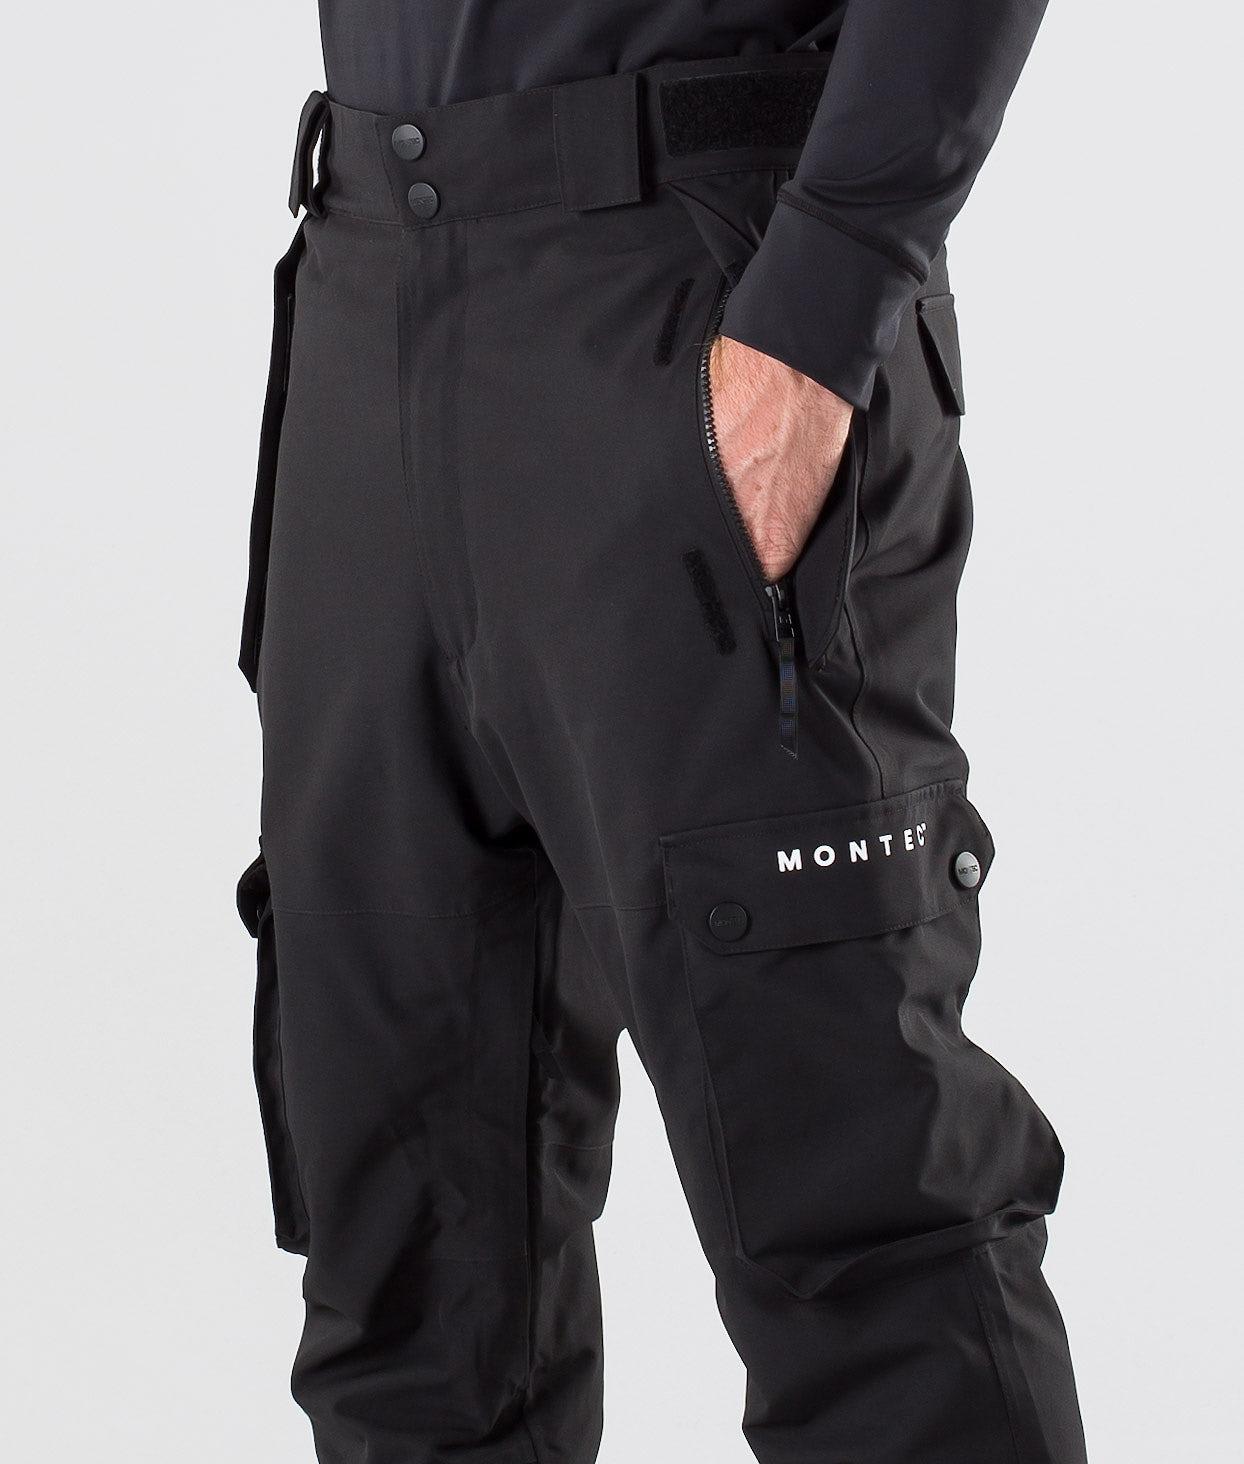 Kjøp Doom Snowboardbukse fra Montec på Ridestore.no - Hos oss har du alltid fri frakt, fri retur og 30 dagers åpent kjøp!